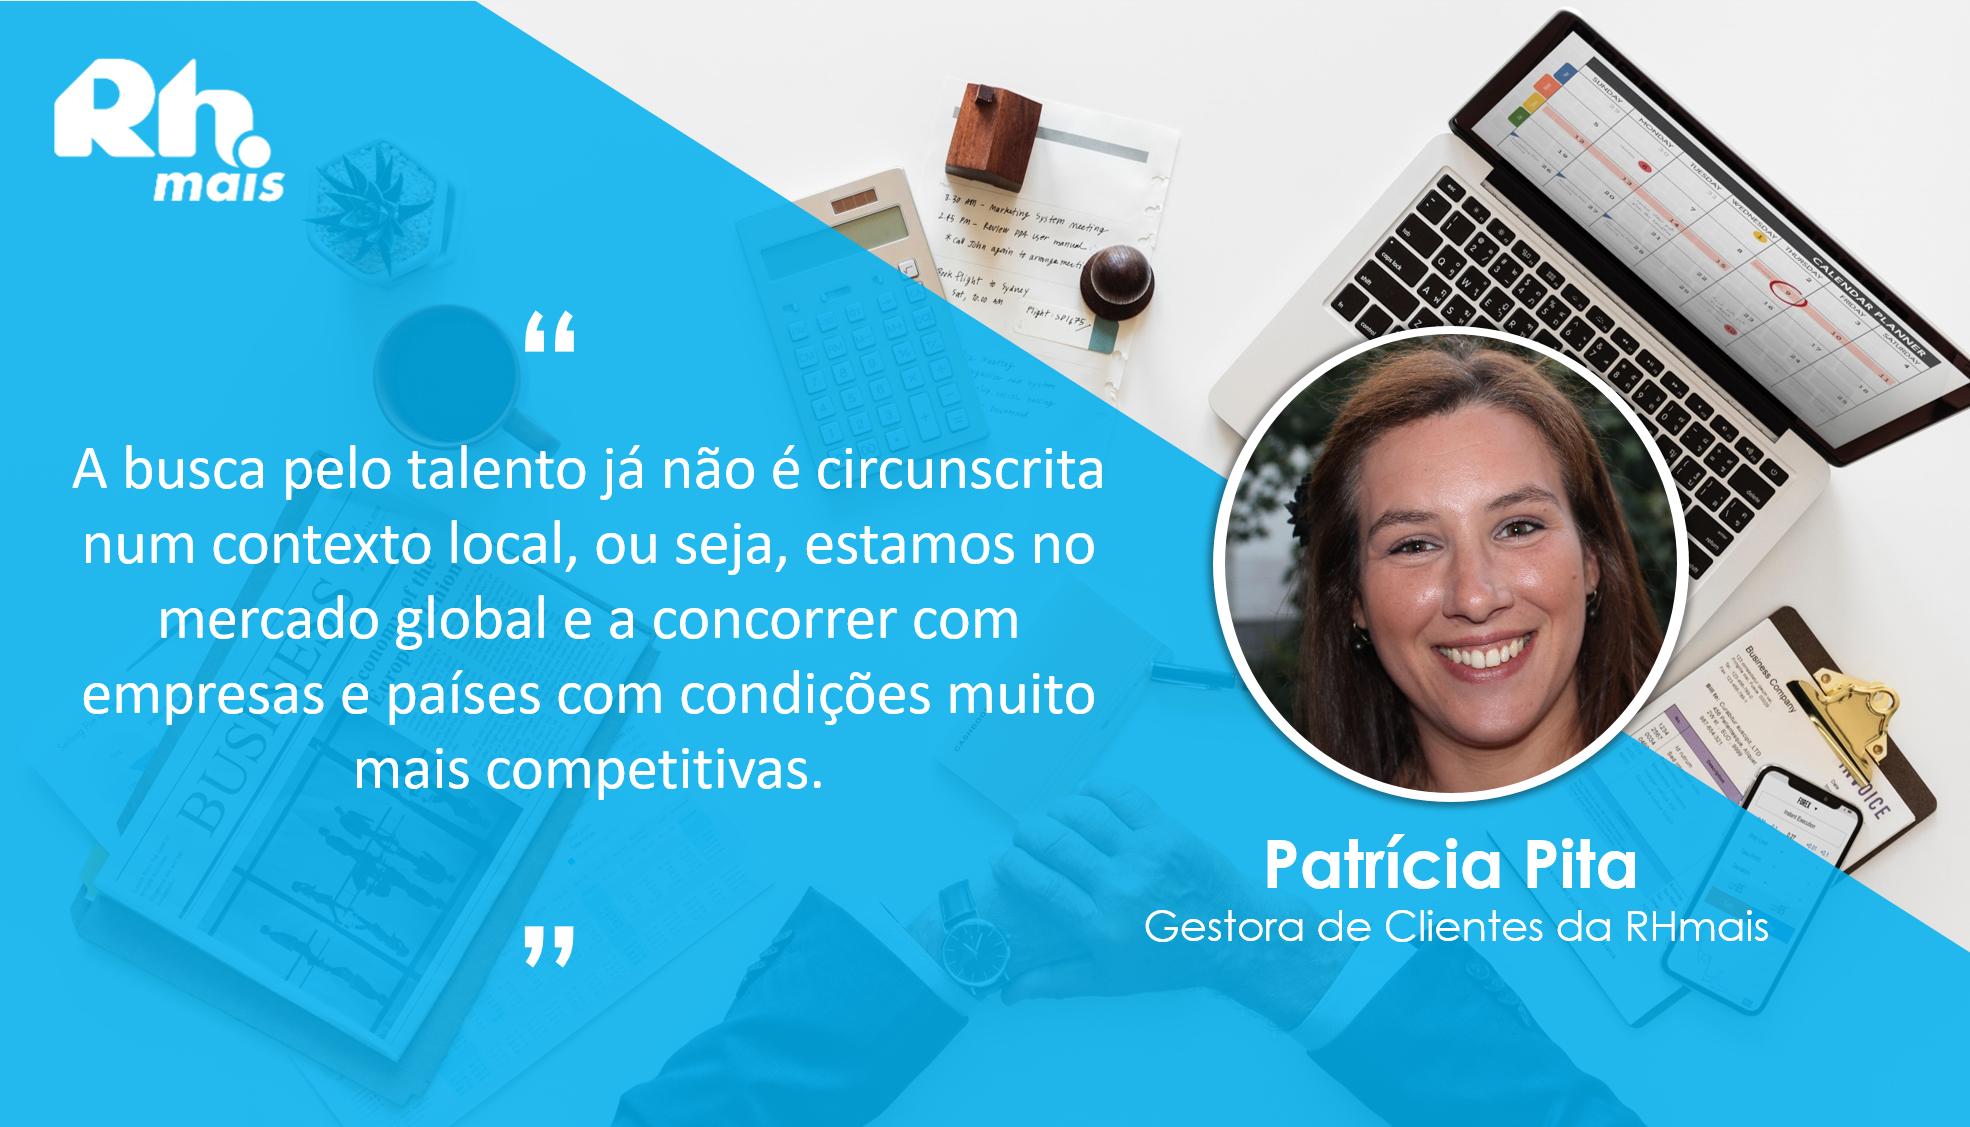 Patrícia Pita, Gestora de Recursos Humanos da RHmais